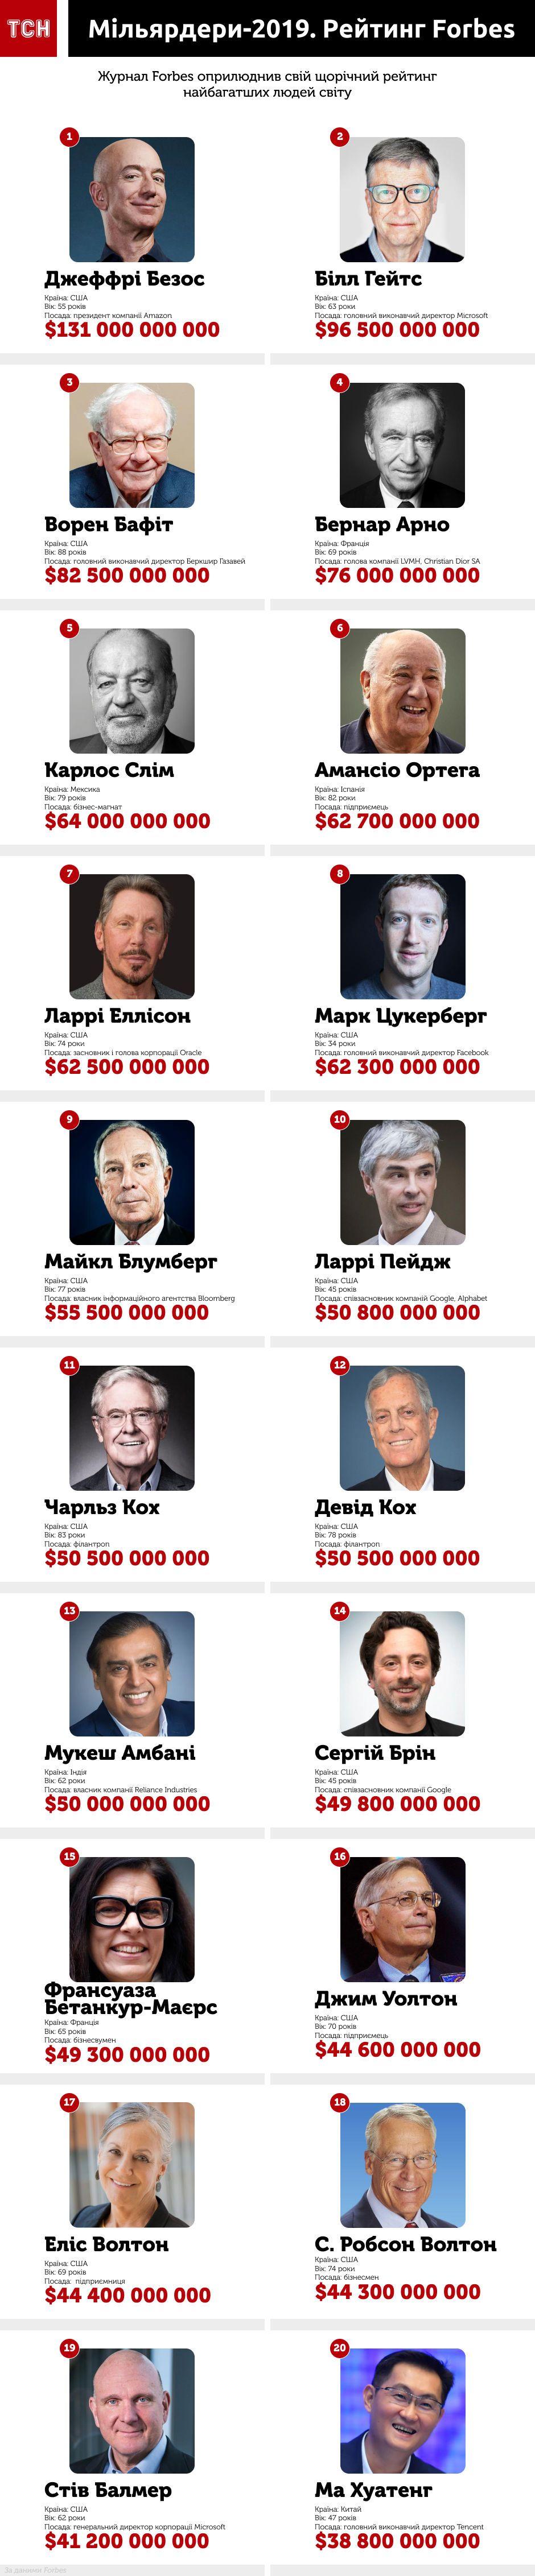 Среди богачей самым состоятельным украинцем оказался Ринат Ахметов